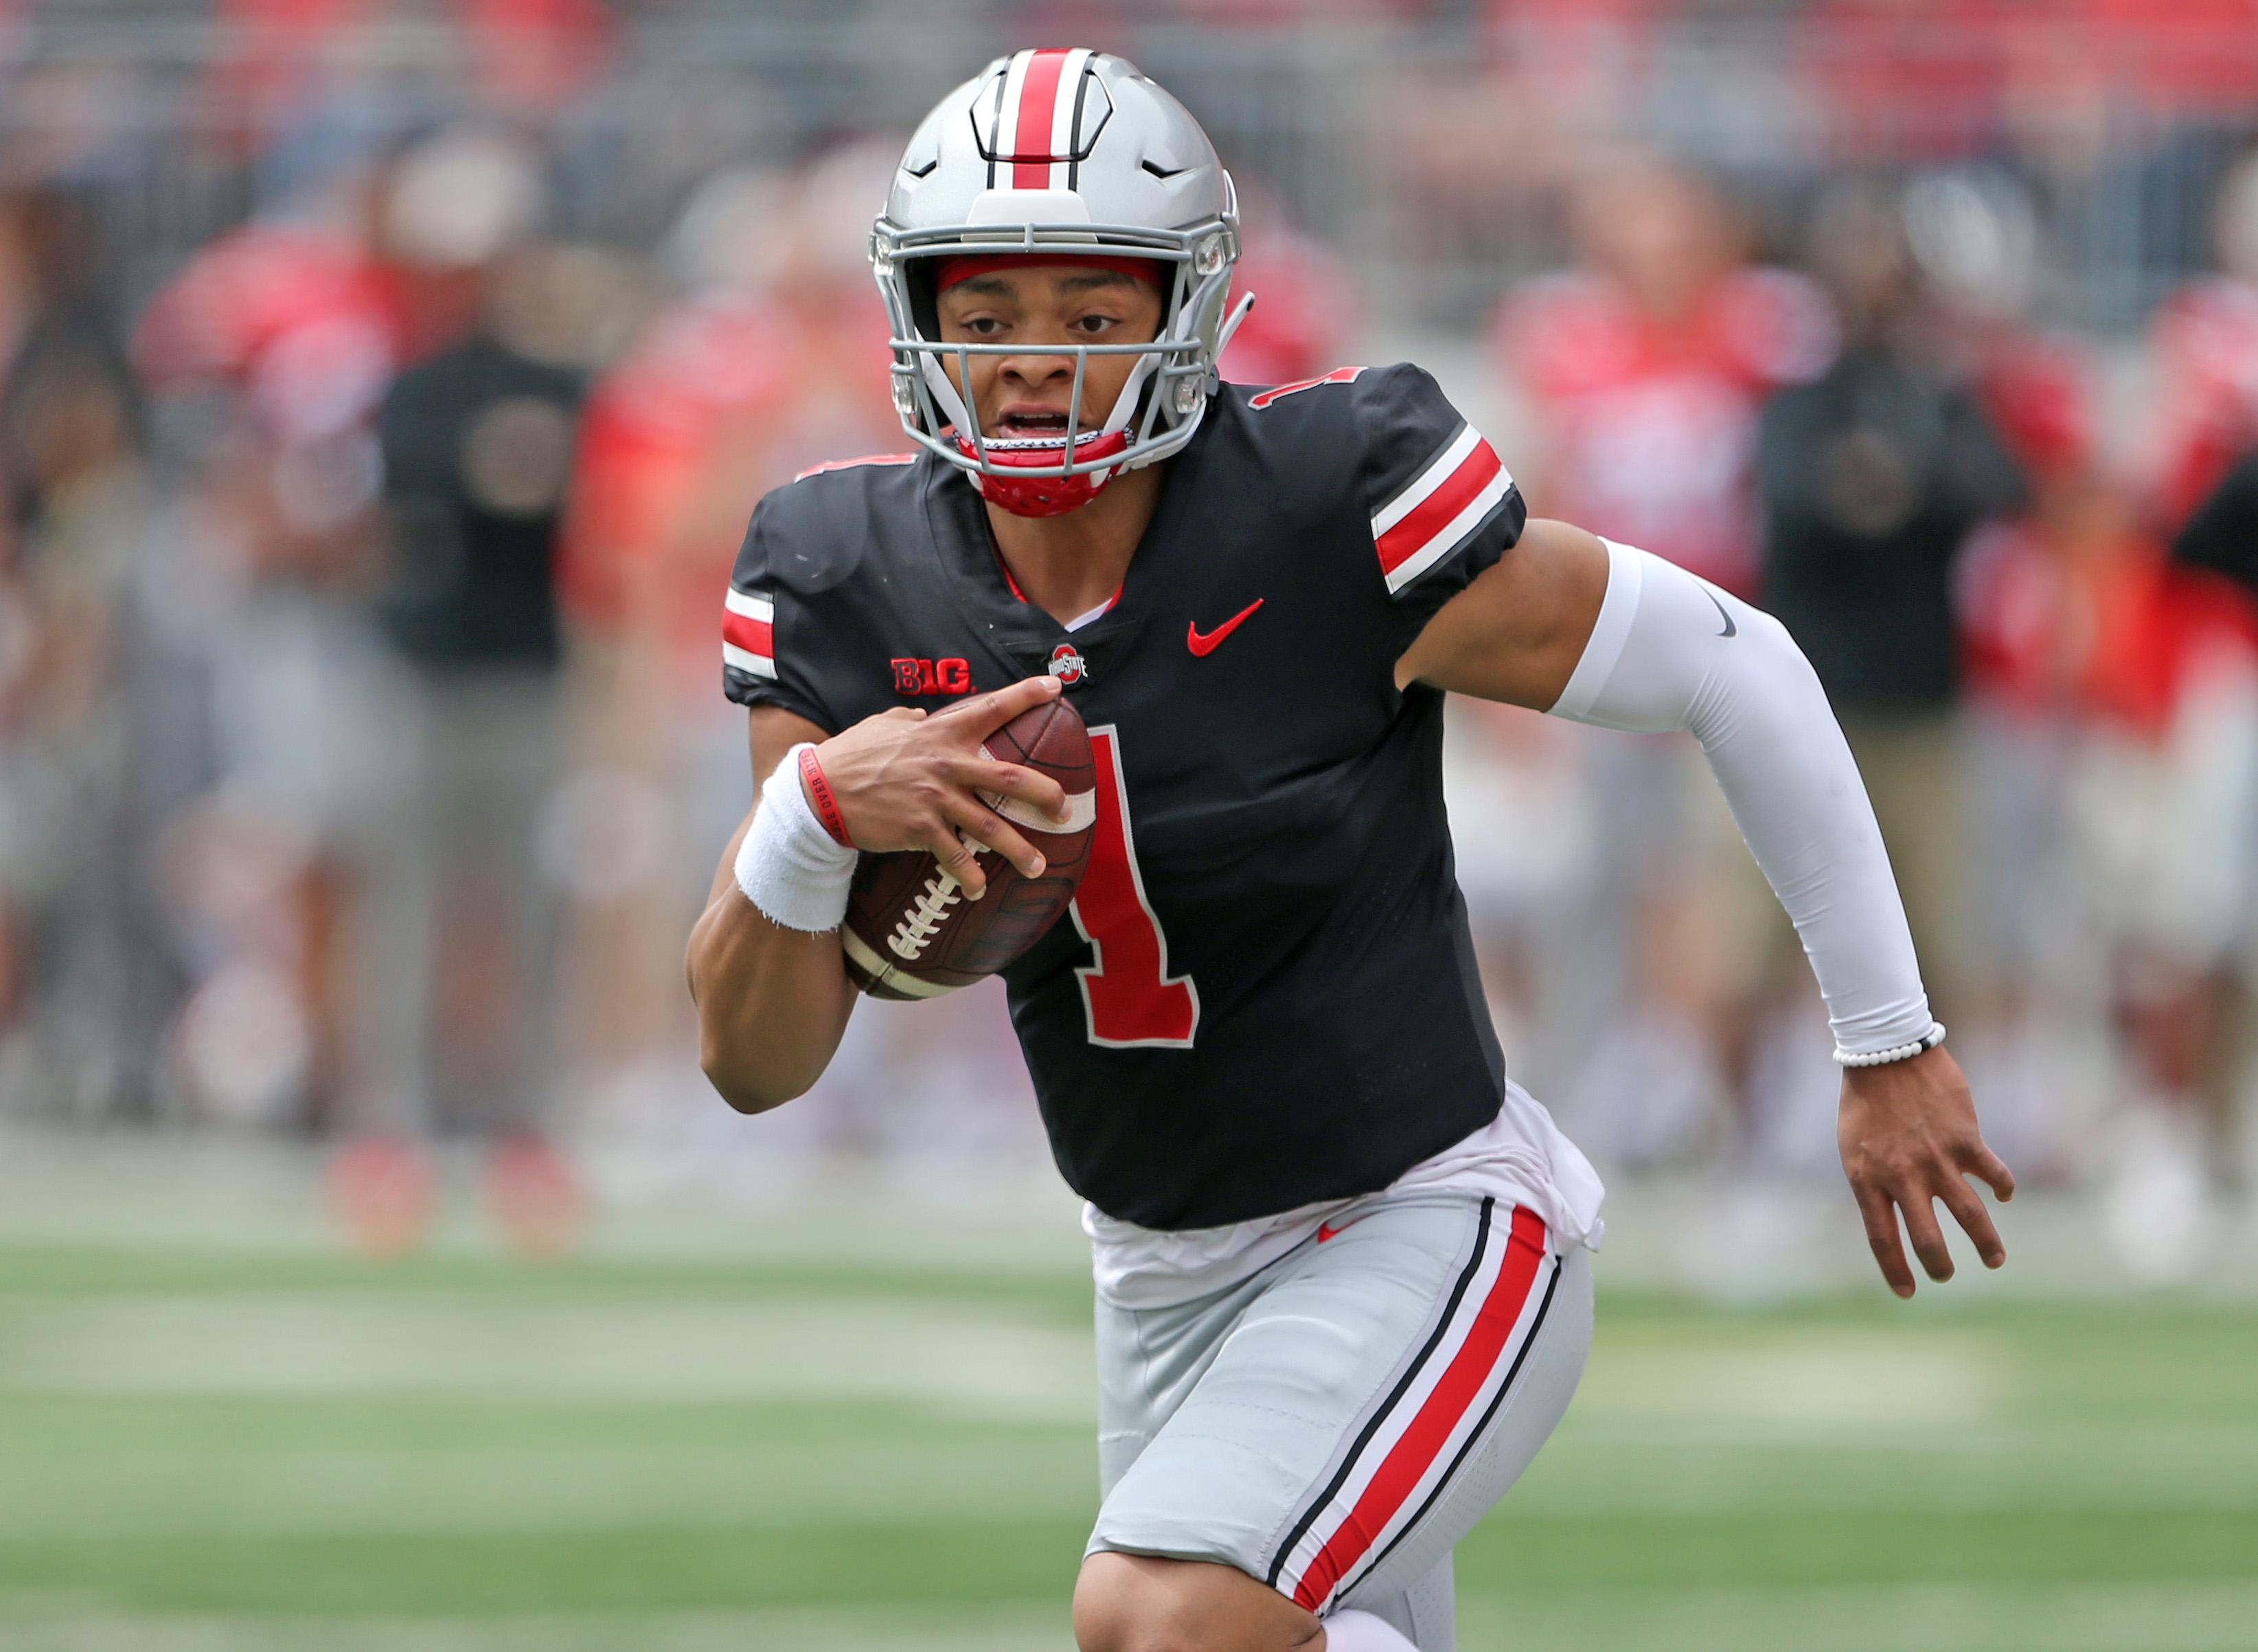 super popular f84e6 2d64d Ohio State football debuts at No. 3 in NCAA.com preseason ...